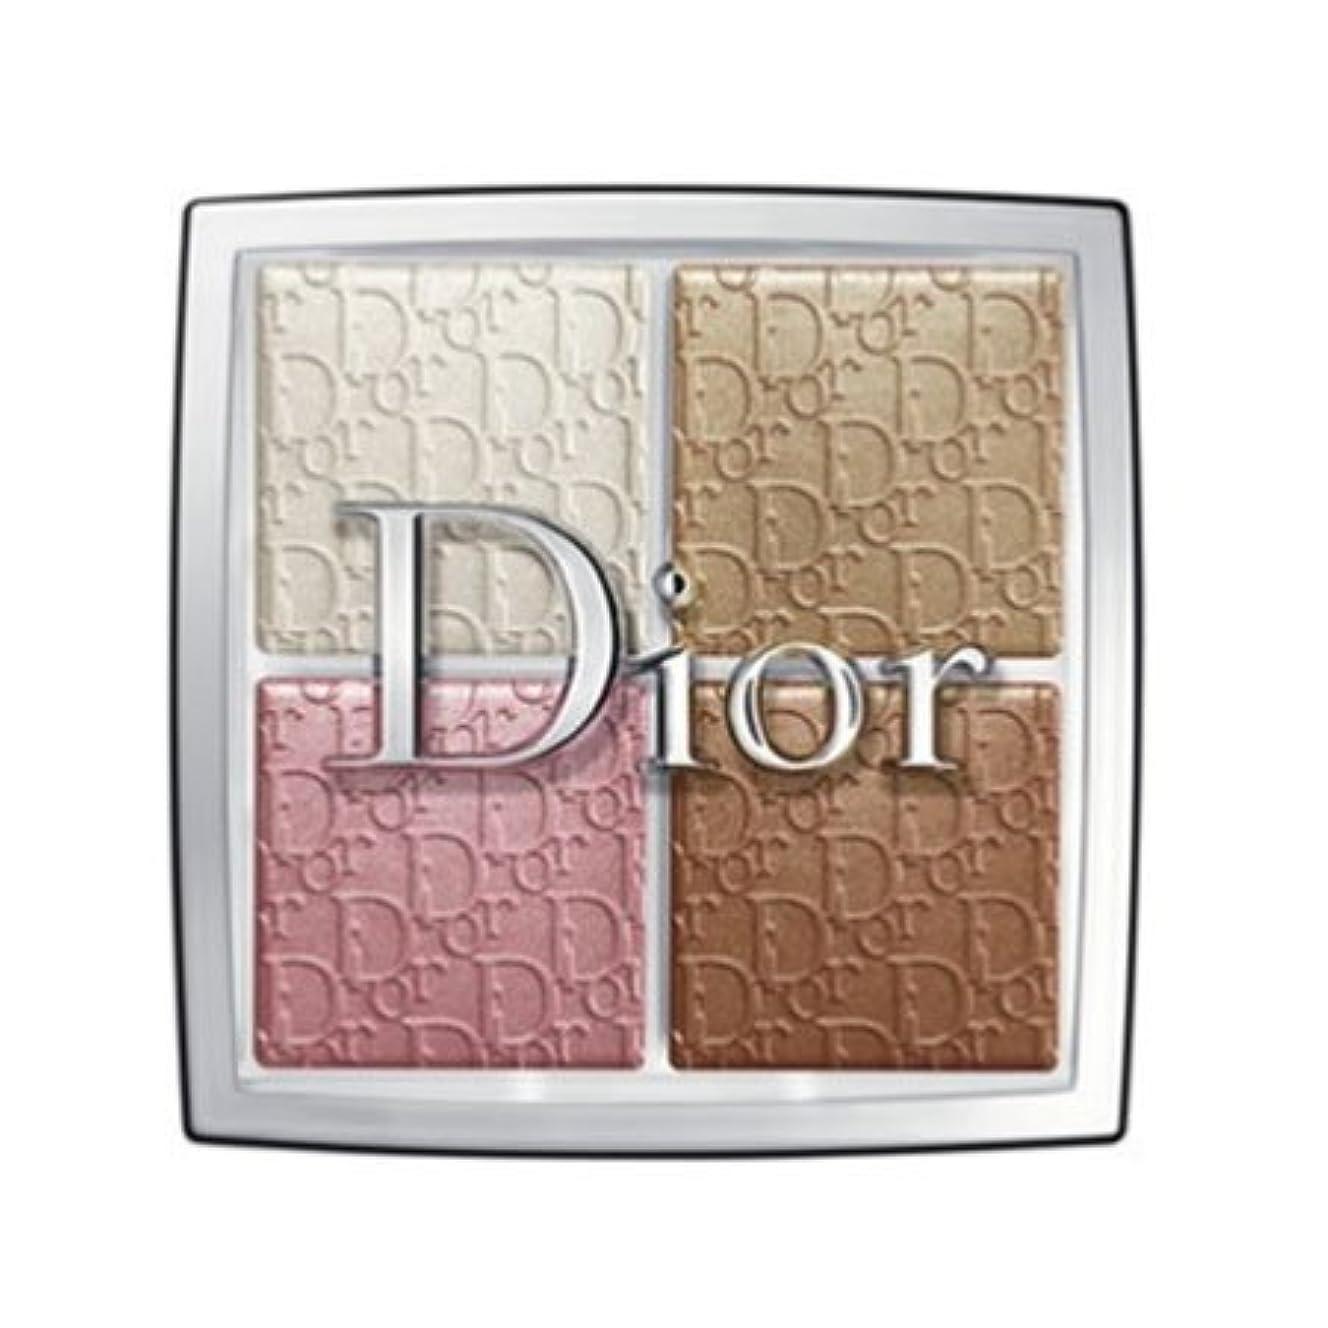 征服するドアミラー最初にディオール バックステージ フェイス グロウ パレット -Dior-